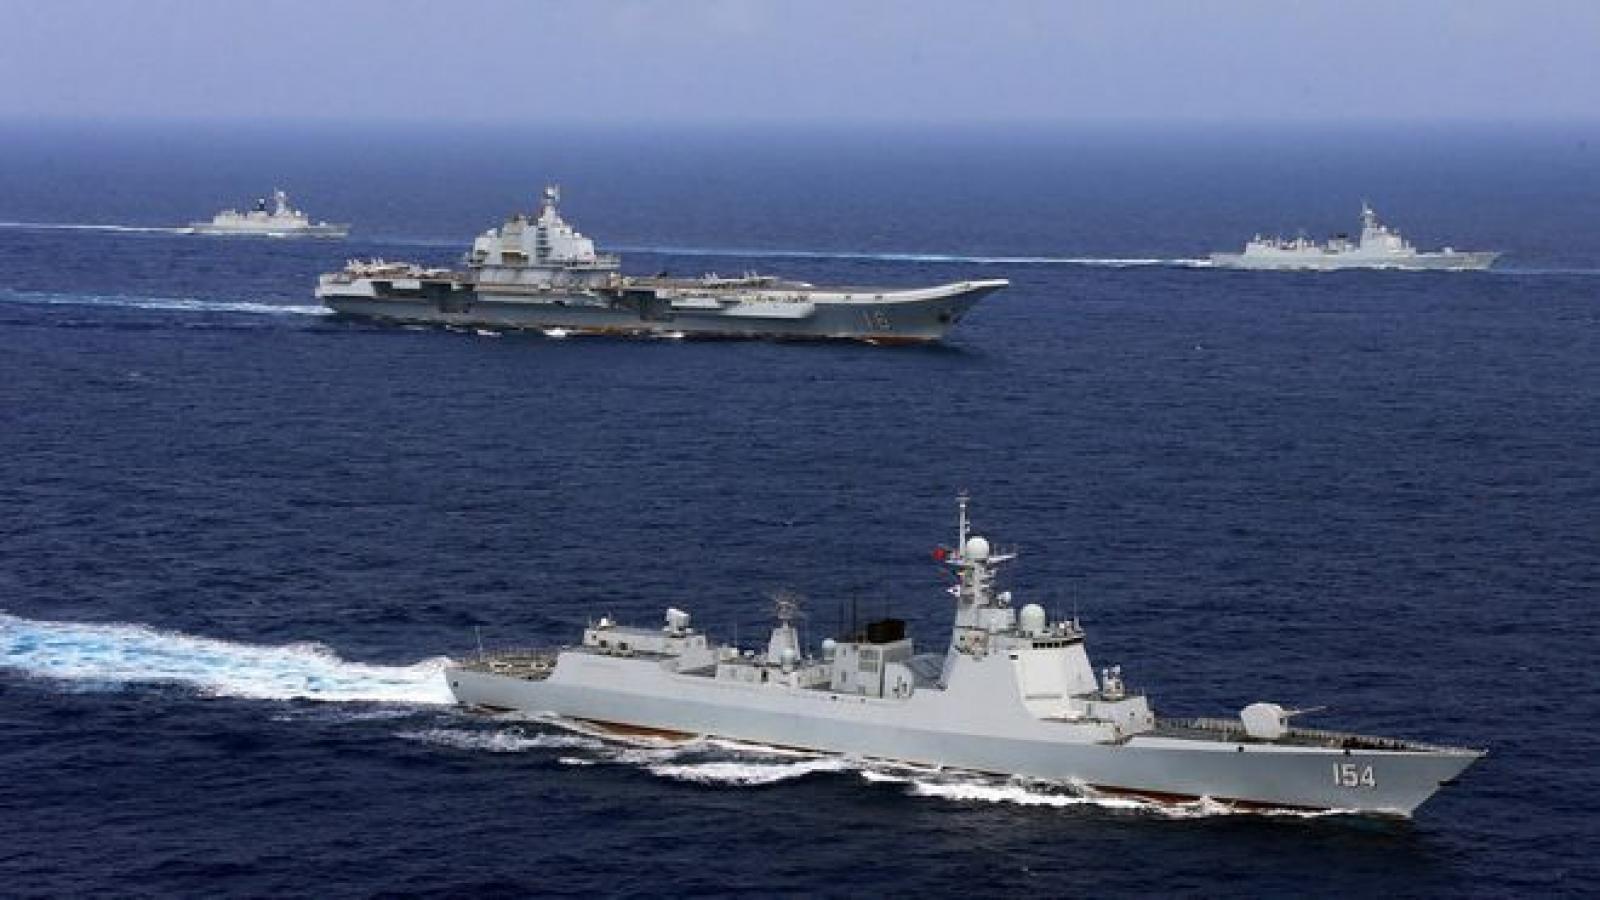 Ba điểm yếu chiến lược của Trung Quốc giúp Mỹ giành lợi thế trong cuộc cạnh tranh